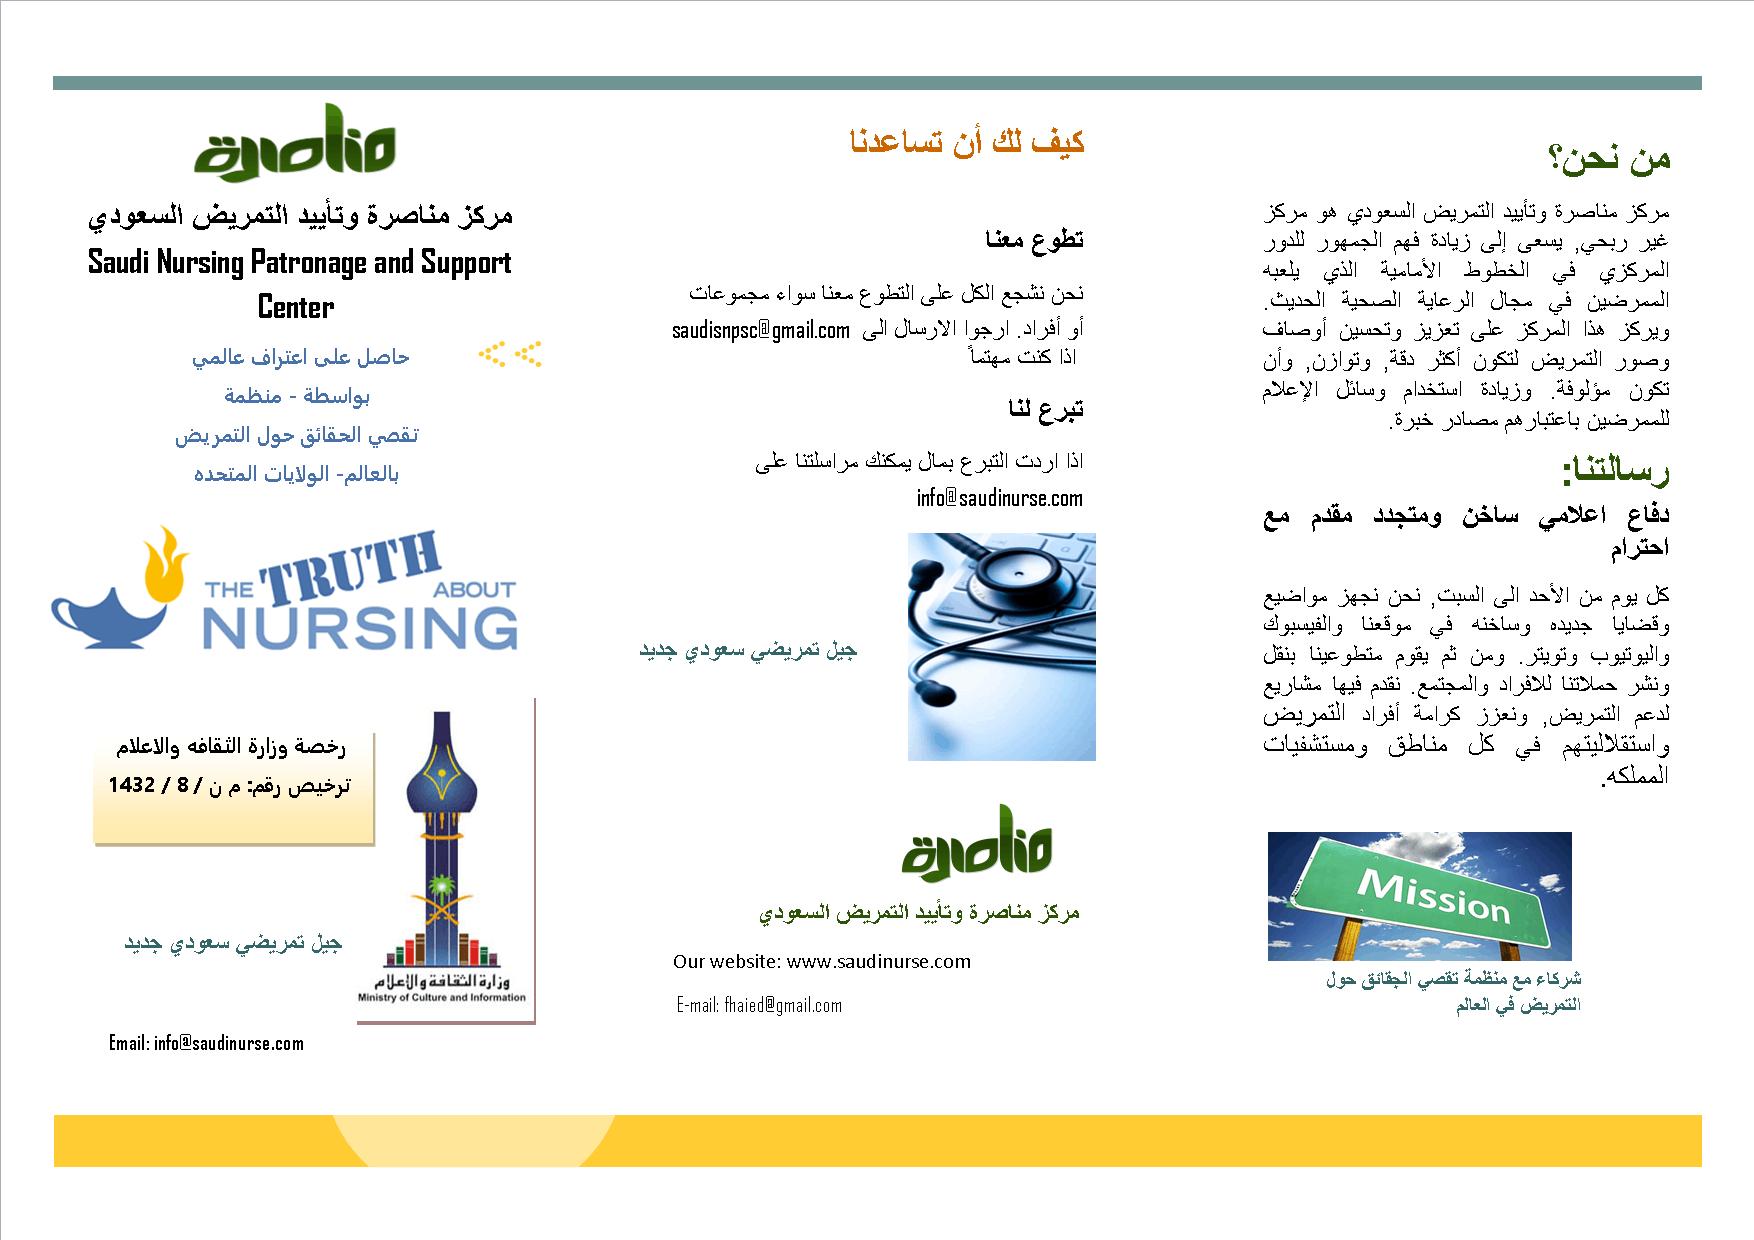 brochure 1 snpsc